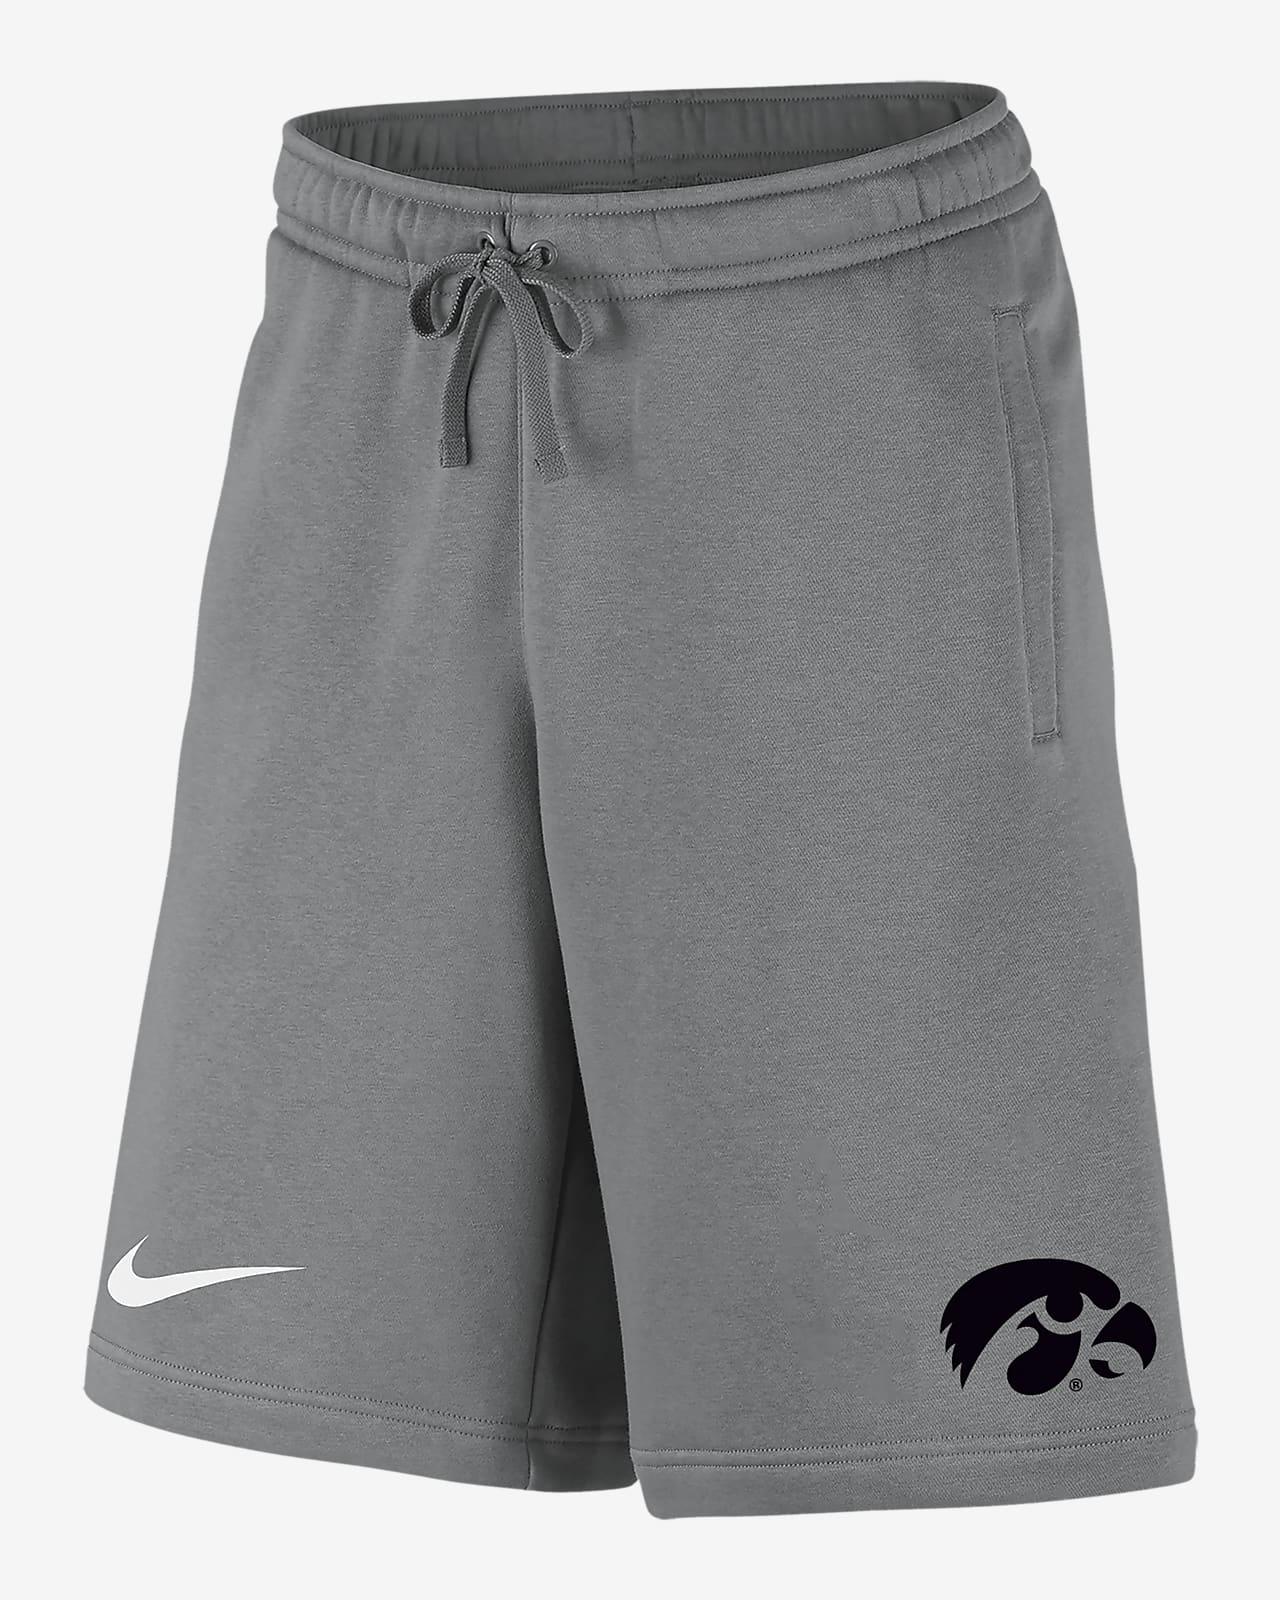 Nike College (Iowa) Men's Fleece Shorts